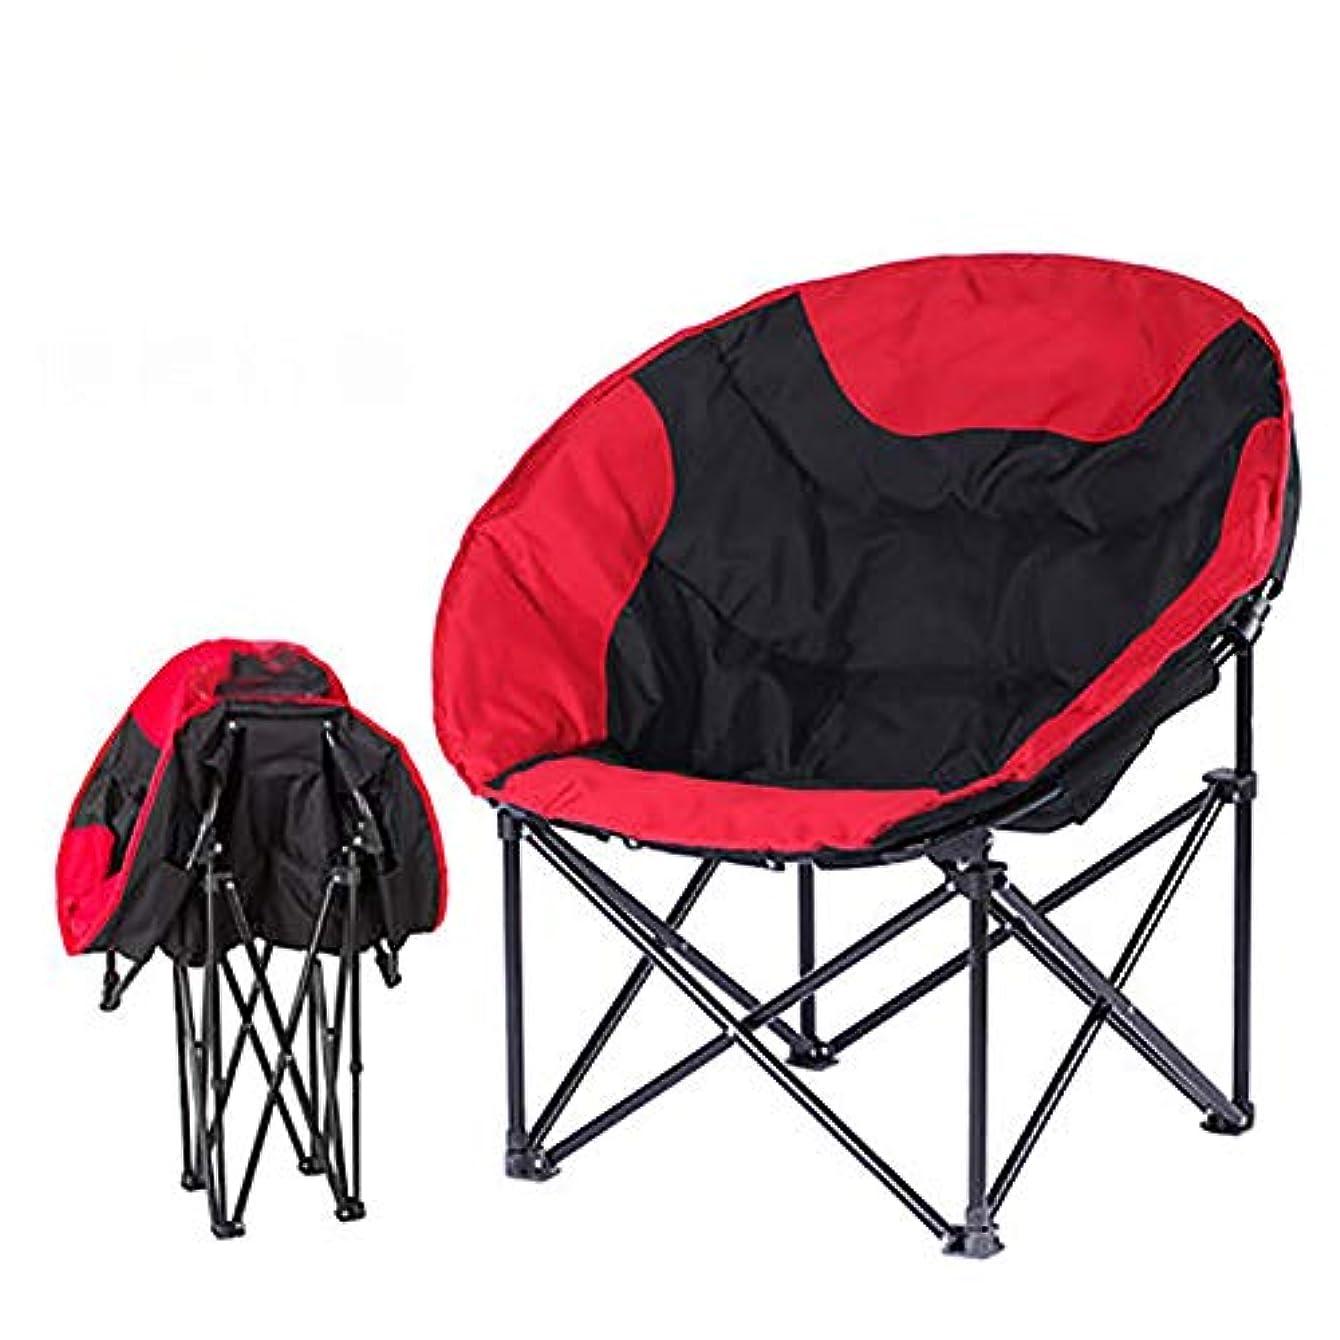 葉を拾う砂漠ブランデー折りたたみ キャンプチェア, 屋外 ポータブル ビーチチェア, 耐摩耗性 コンパク 釣り椅子 ピクニック ヤード バーベキュー ハイキング, 120 Kg の読み込み